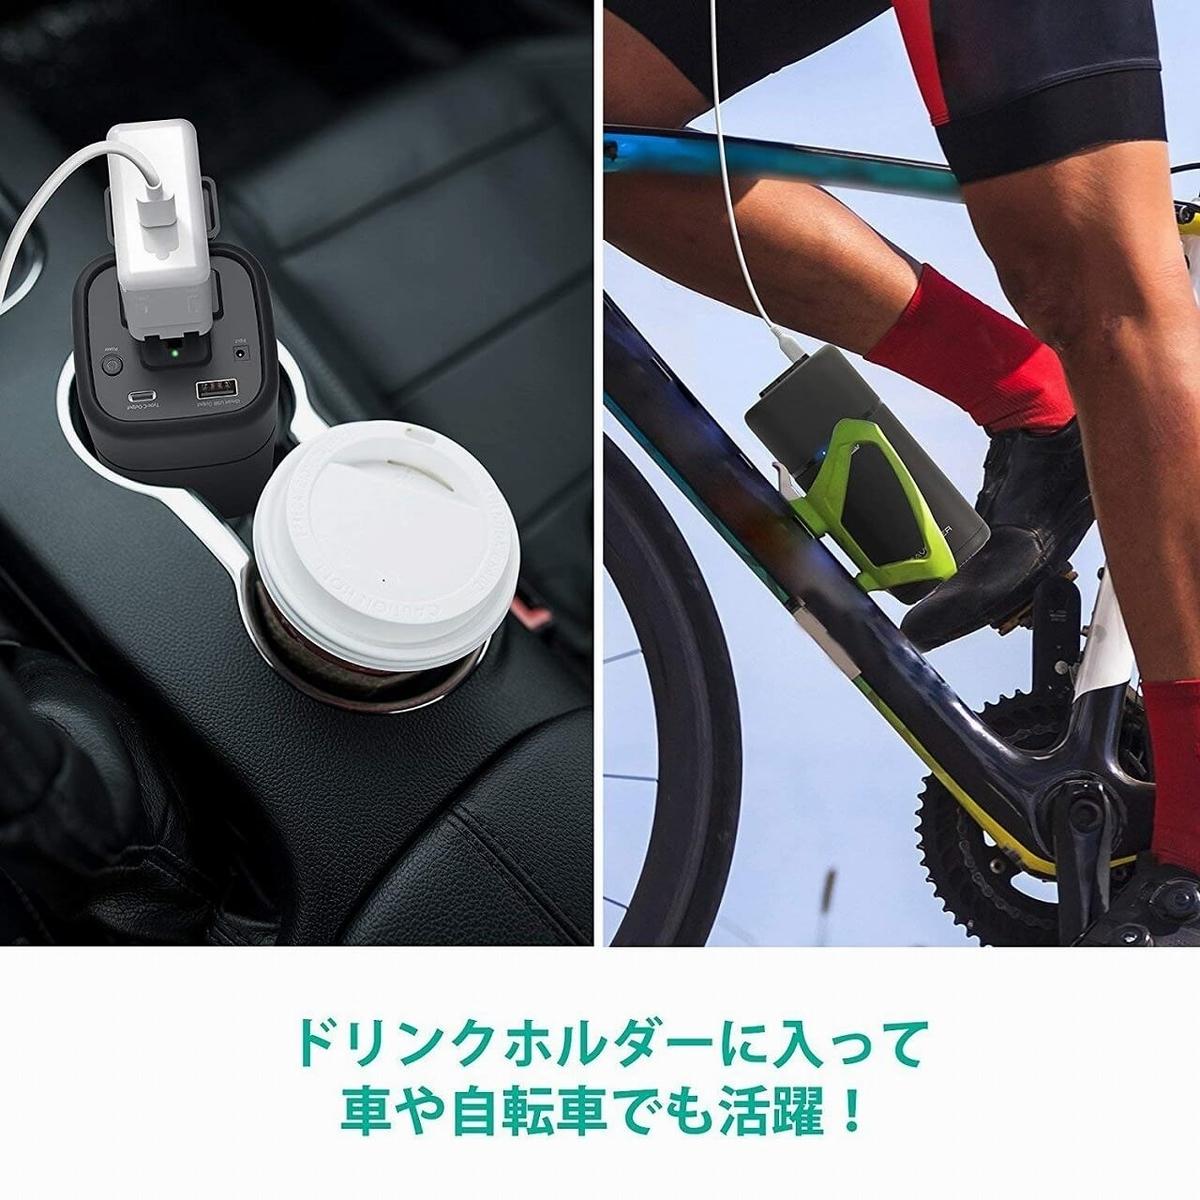 RAVPower RP-PB054 商品使用イメージ写真 車・自転車用ドリンクホルダーにセット